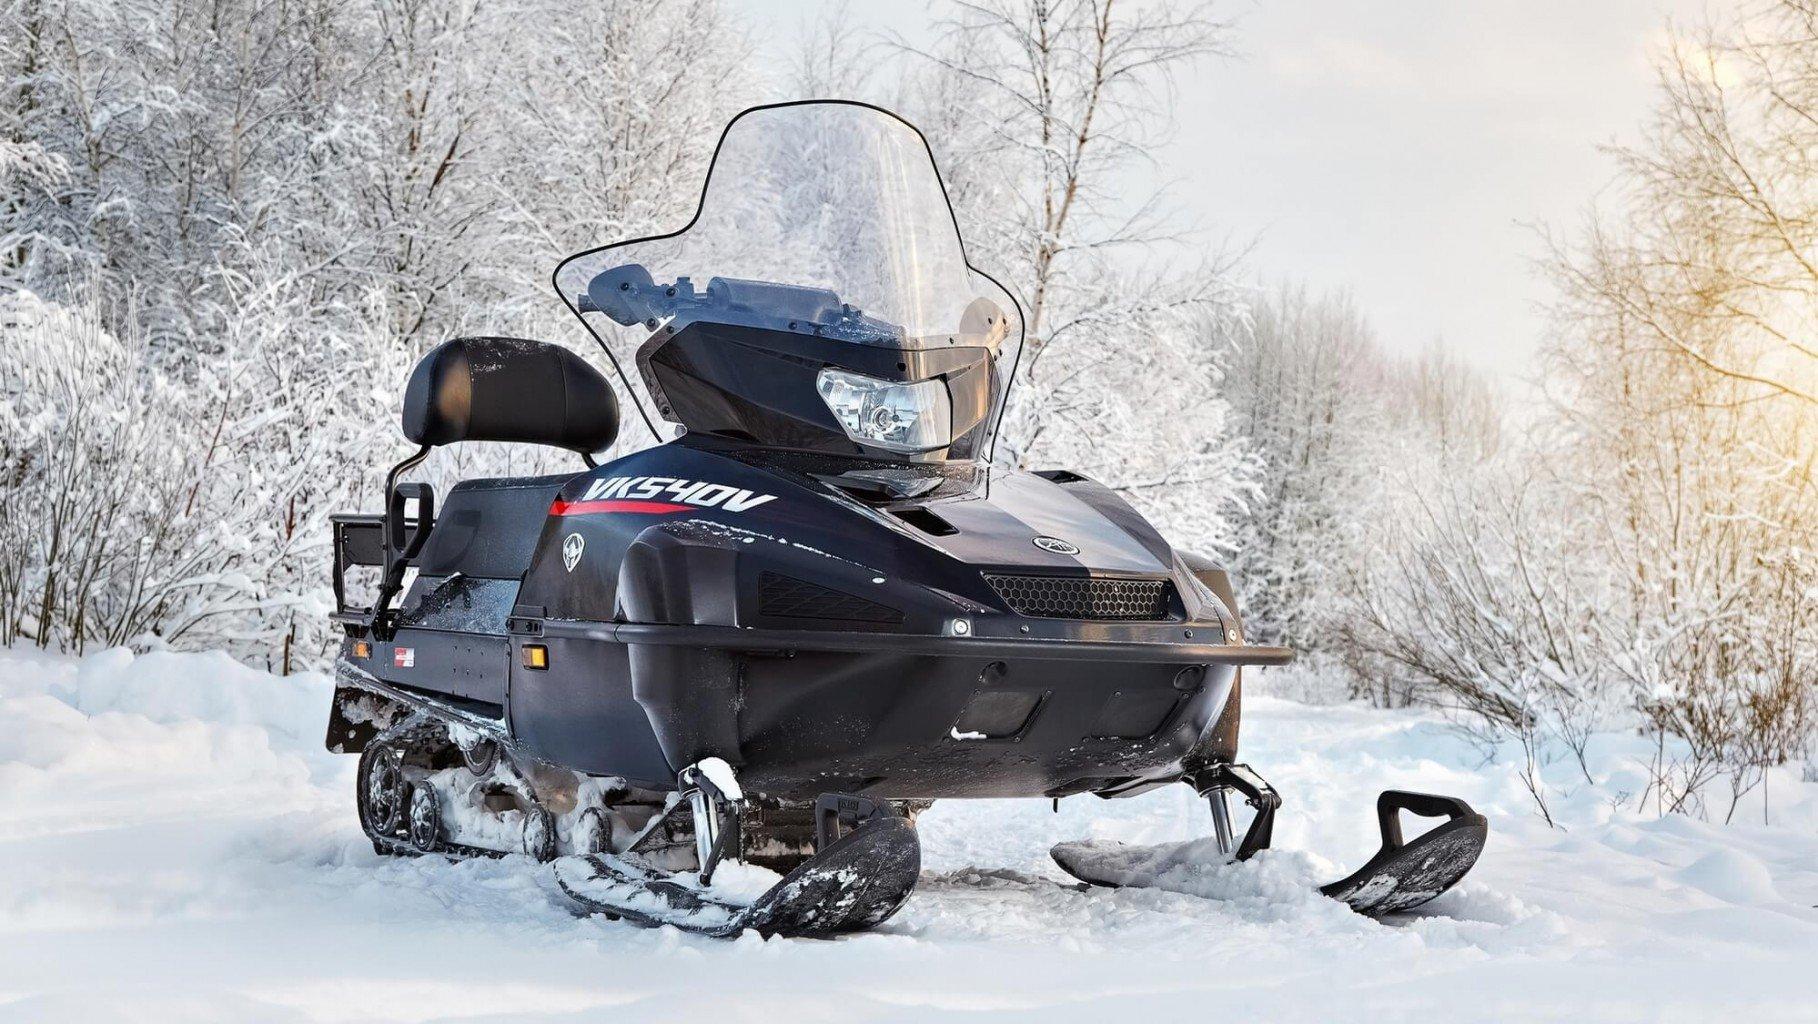 На фото новый снегоход Викинг 540 5-го поколения на фоне заснеженного леса (Viking VK540V)